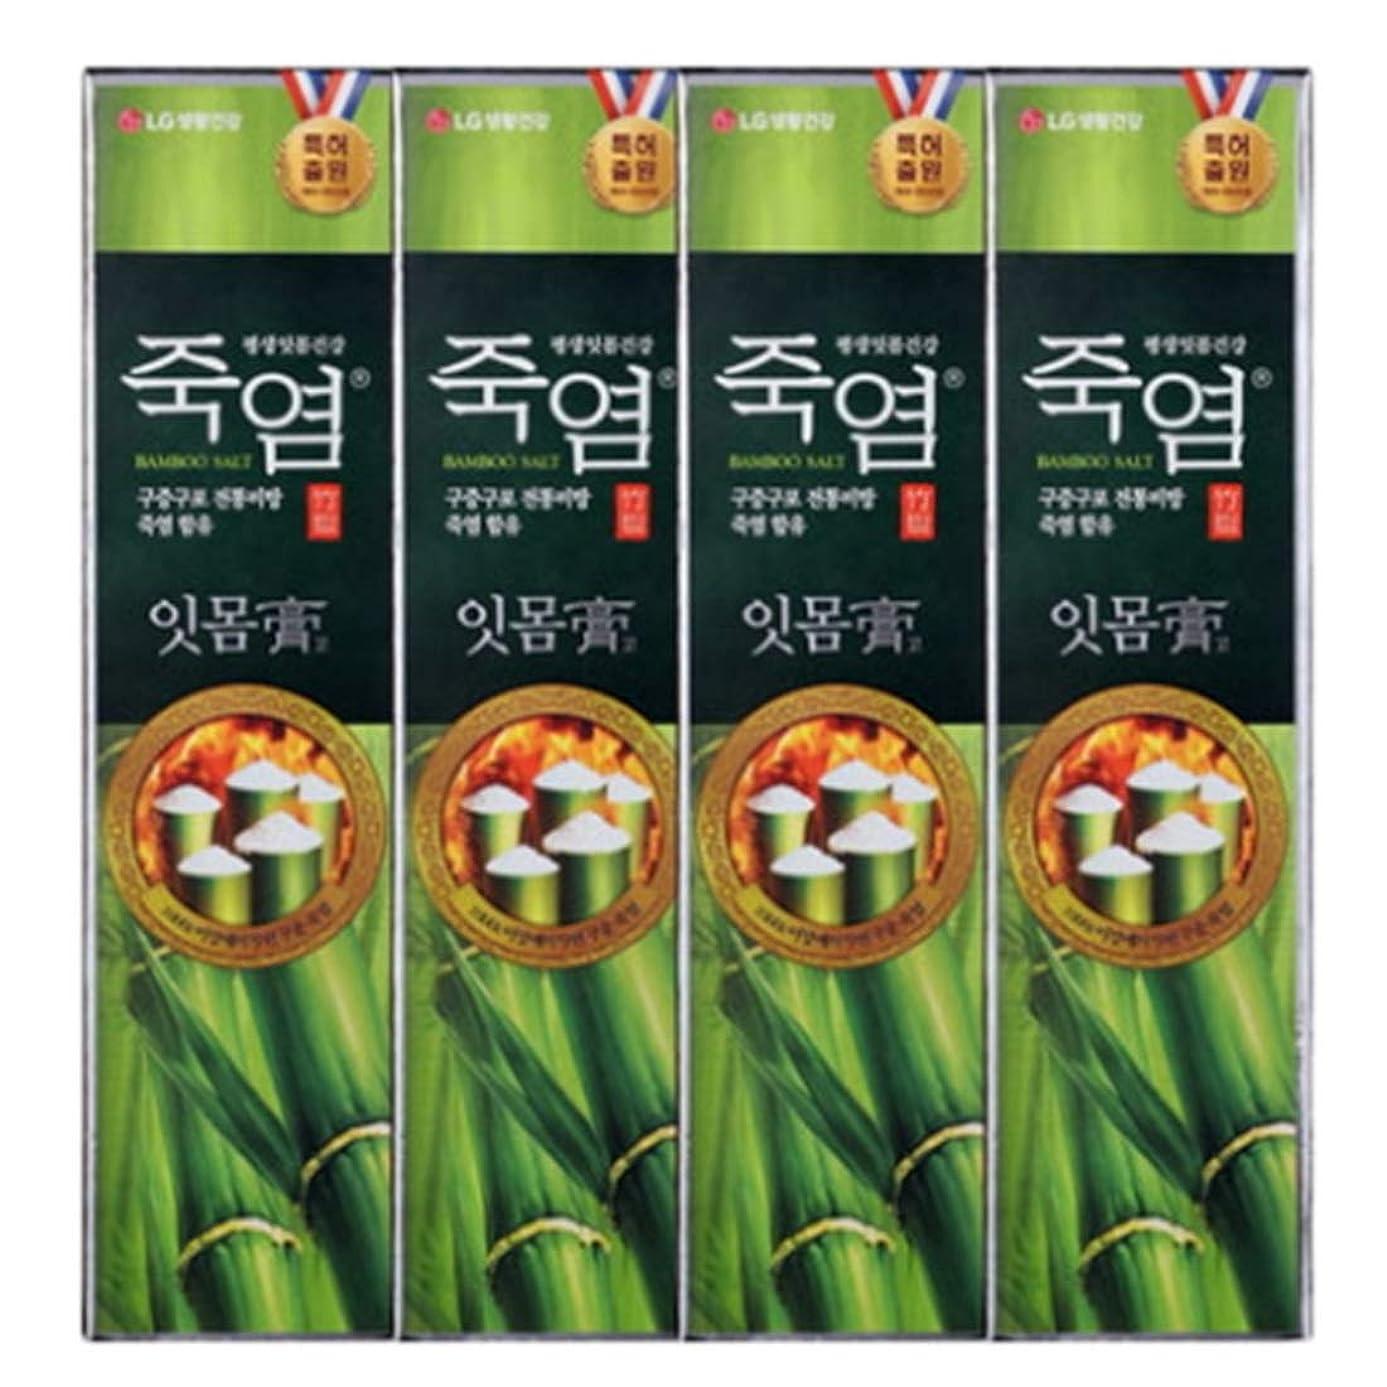 曇ったヤギ蓄積する[LG Care/LG生活健康]竹塩歯磨き粉歯肉を健康に120g x4ea / 歯磨きセットスペシャル?リミテッドToothpaste Set Special Limited Korea(海外直送品)